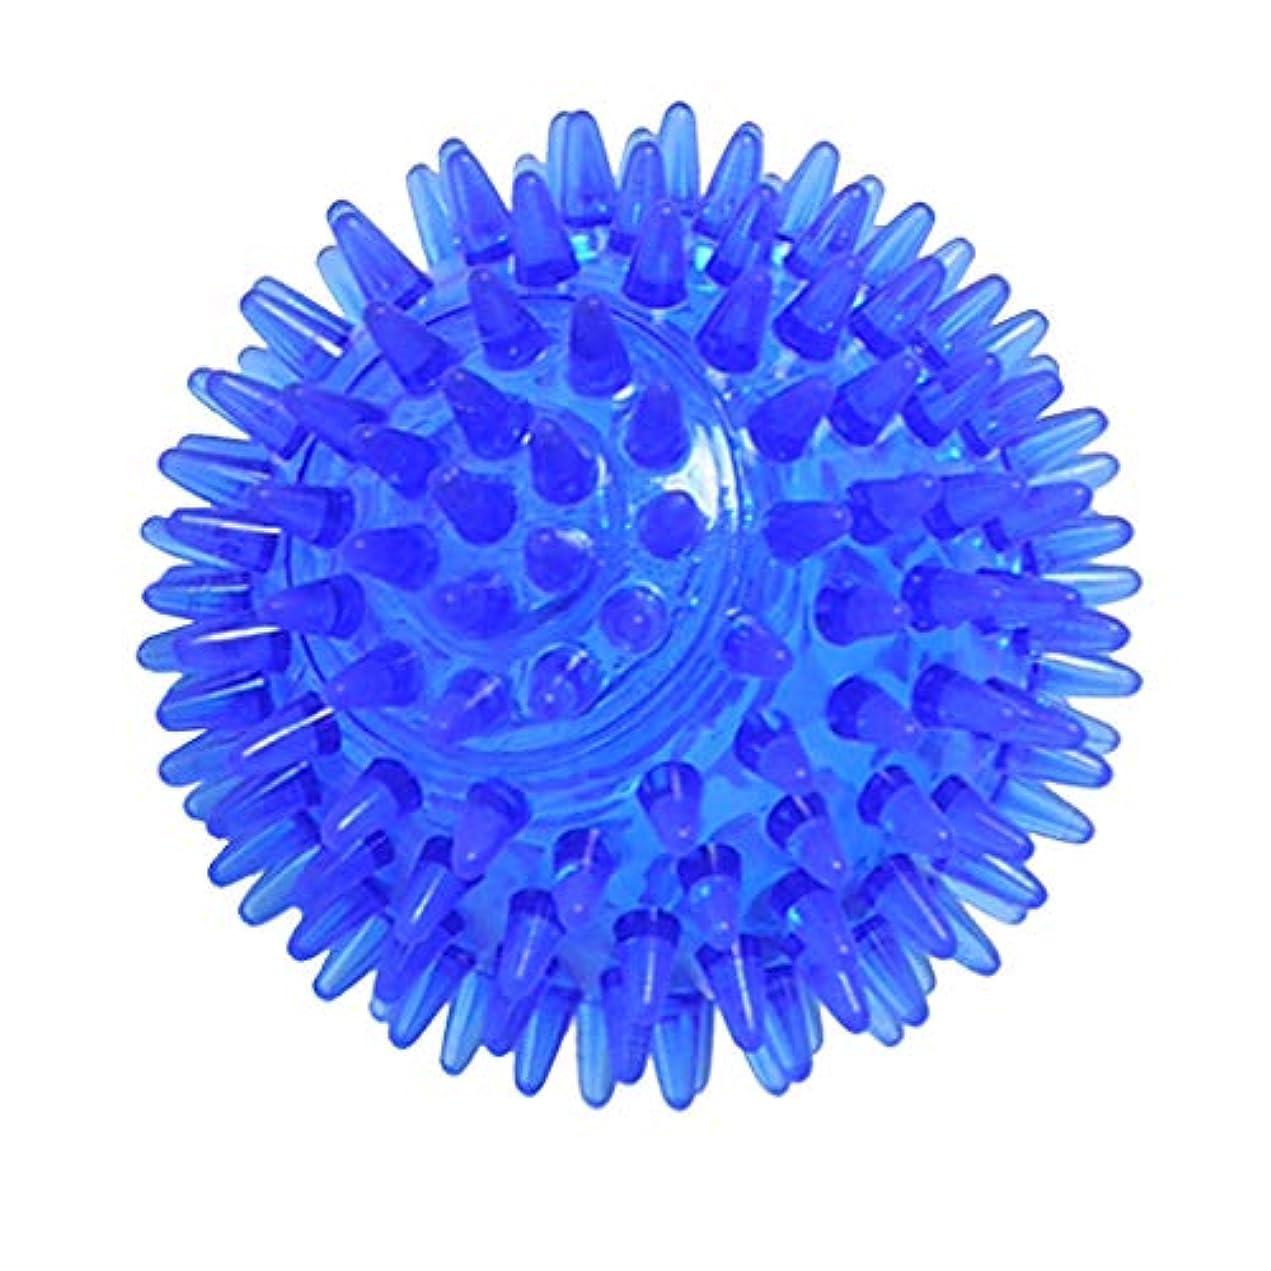 征服する強打所属マッサージボール ヨガボール 3サイズ選べ - 青, 7cm